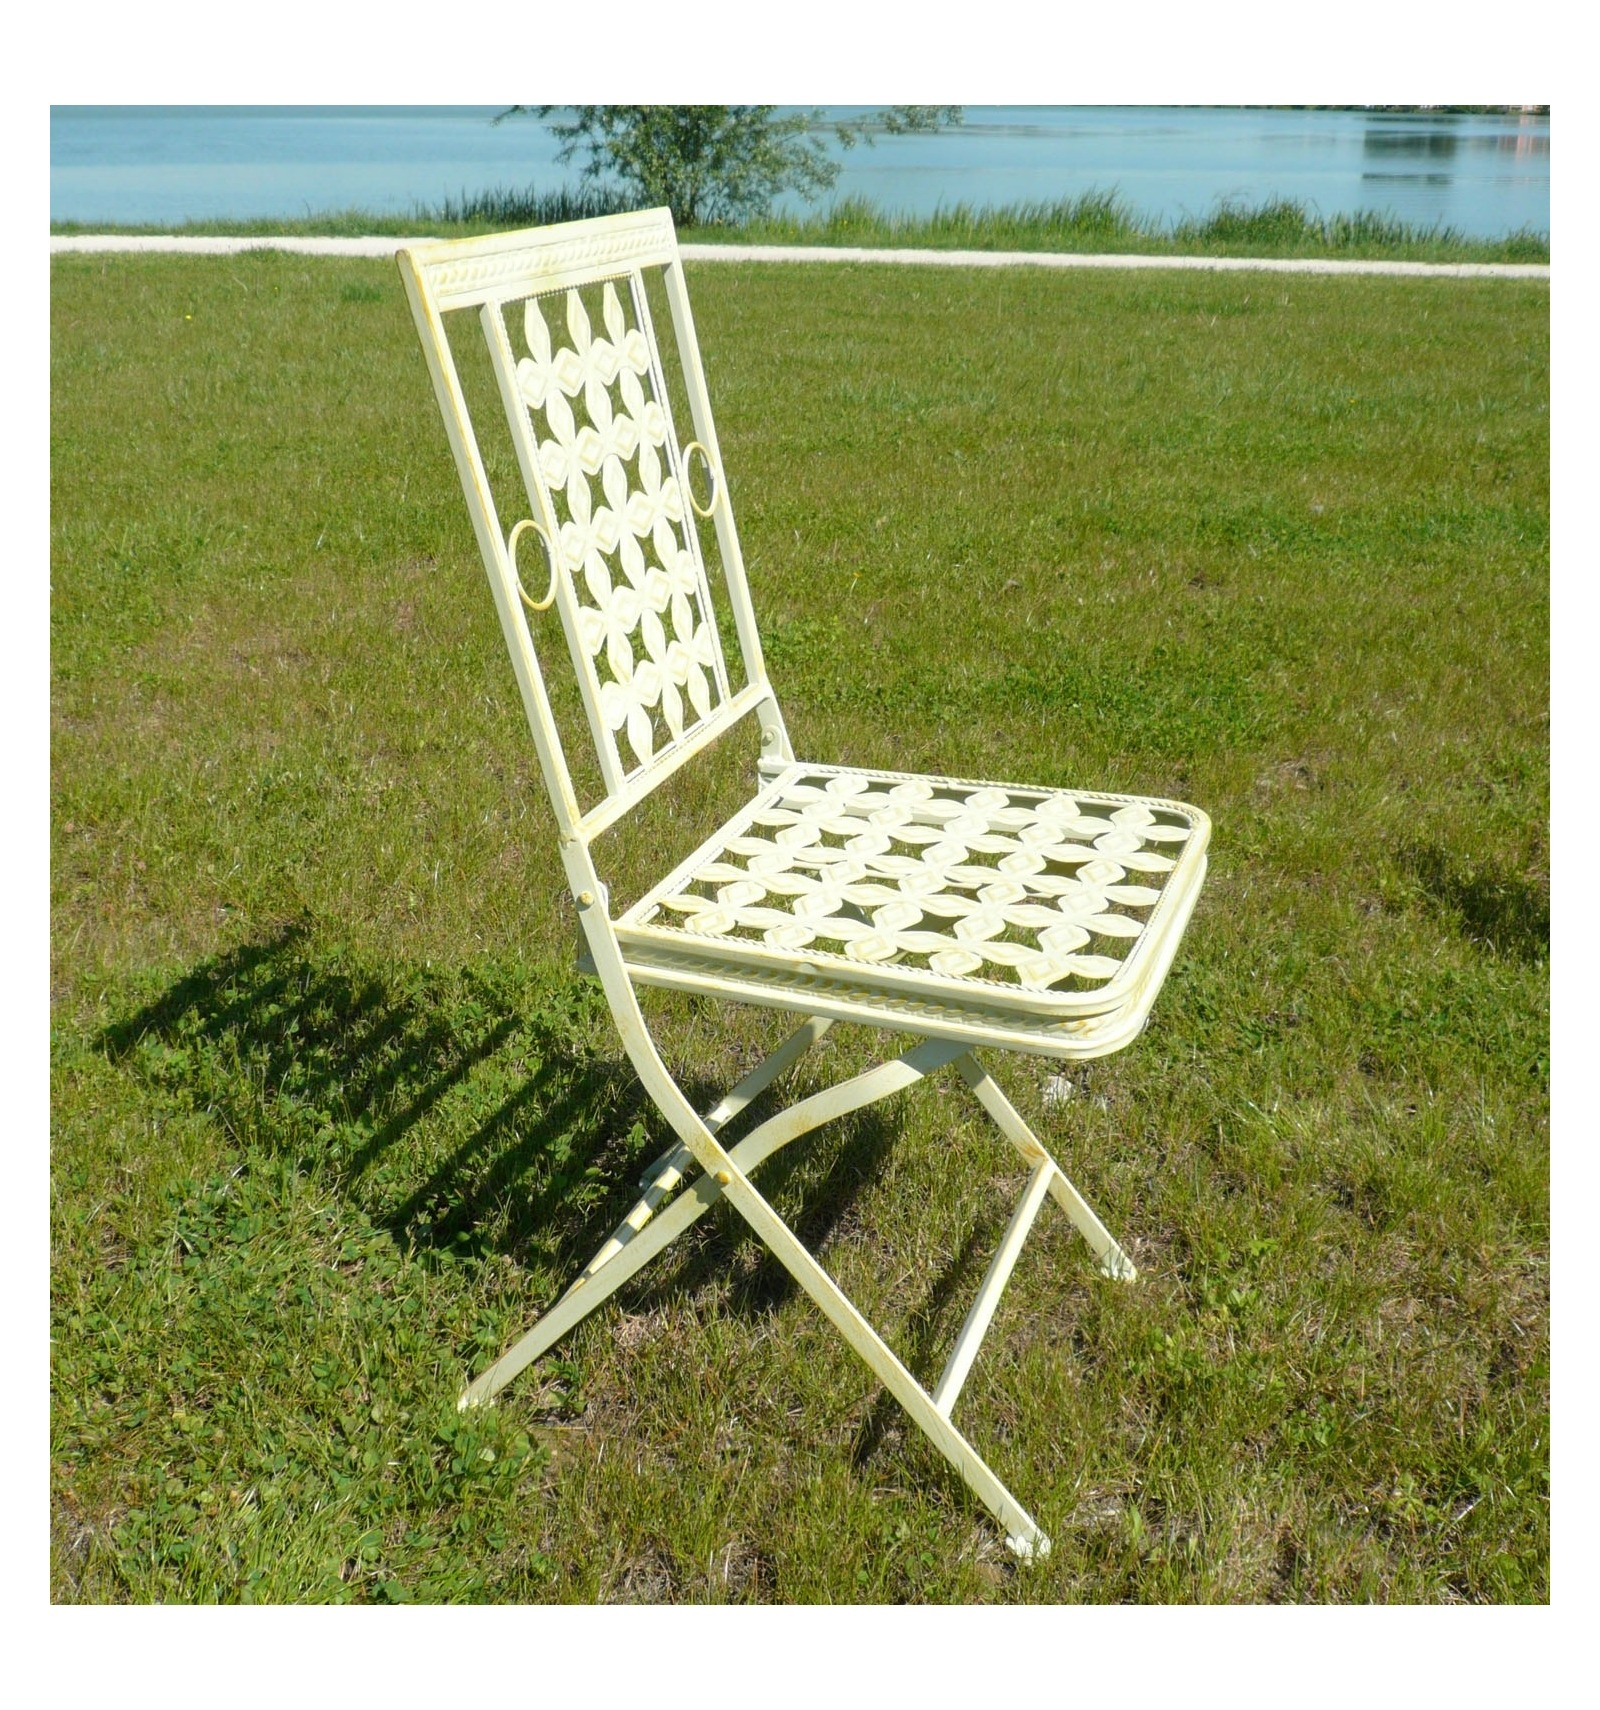 schmiedeeiserne gartenmobel, schmiedeeiserne gartenmöbel - tische - stühle - bänke, Design ideen